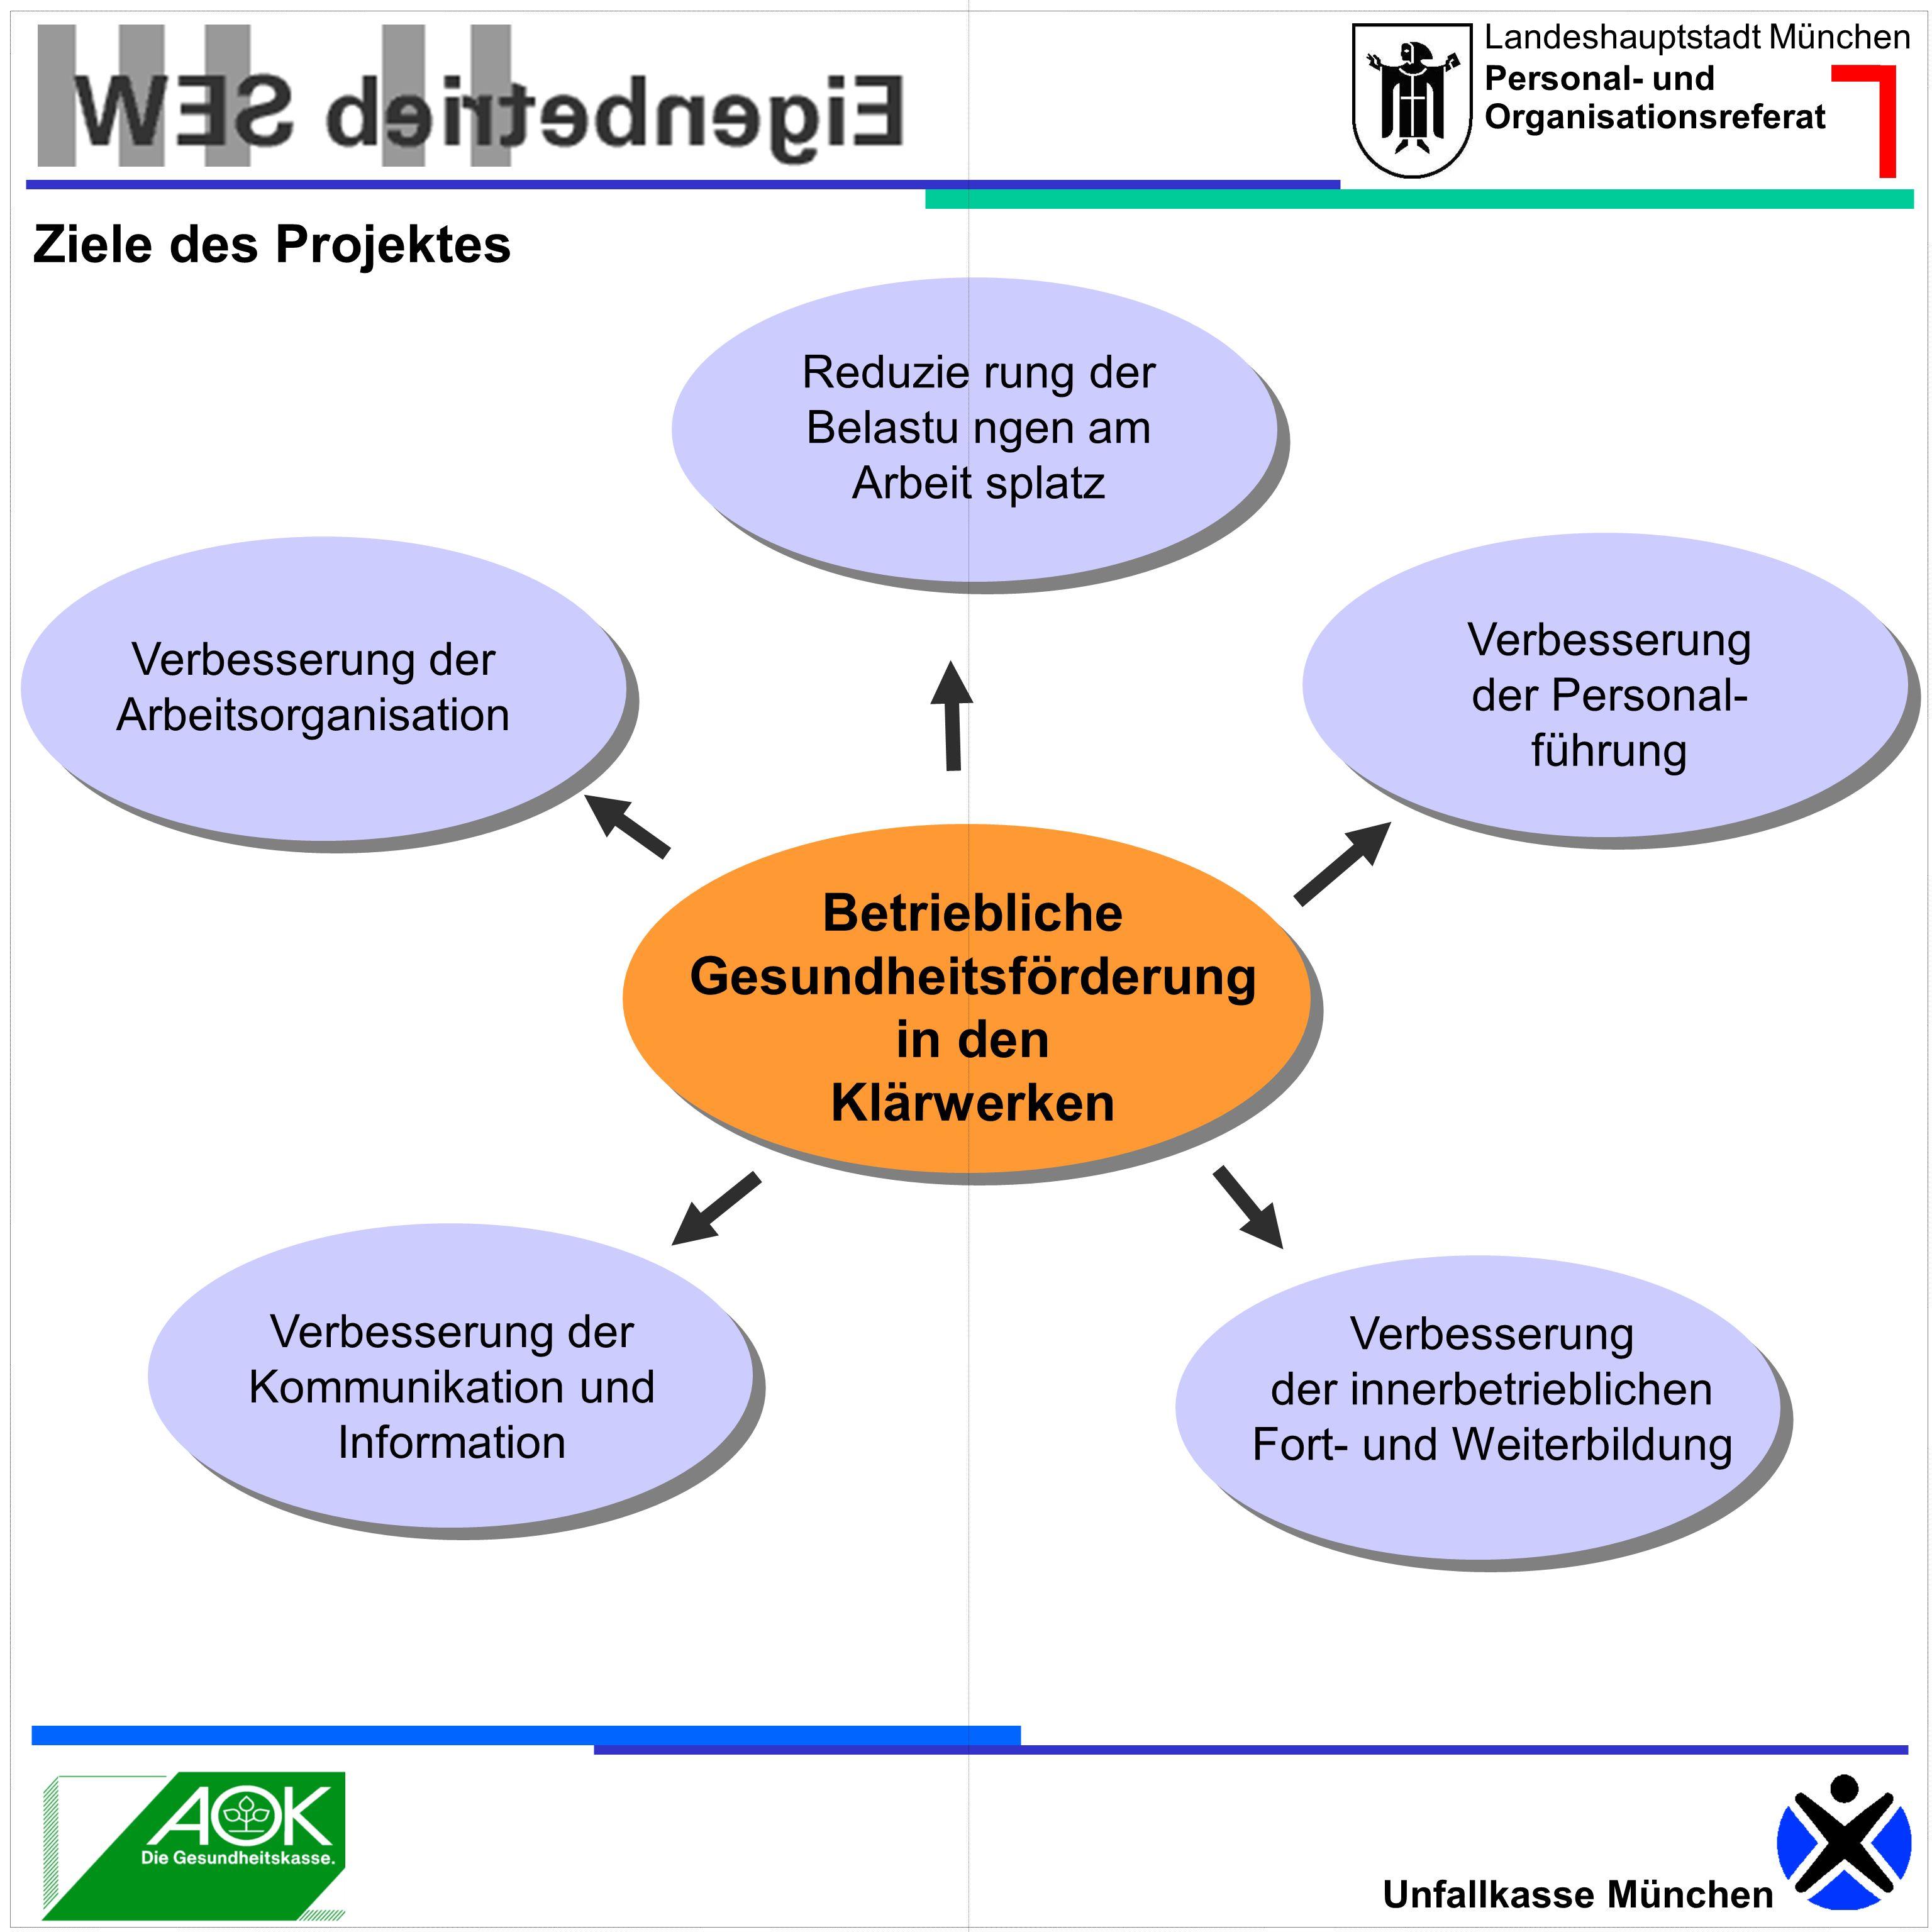 Landeshauptstadt München Personal- und Organisationsreferat Unfallkasse München Betriebliche Gesundheitsförderung in den Klärwerken Reduzie rung der B